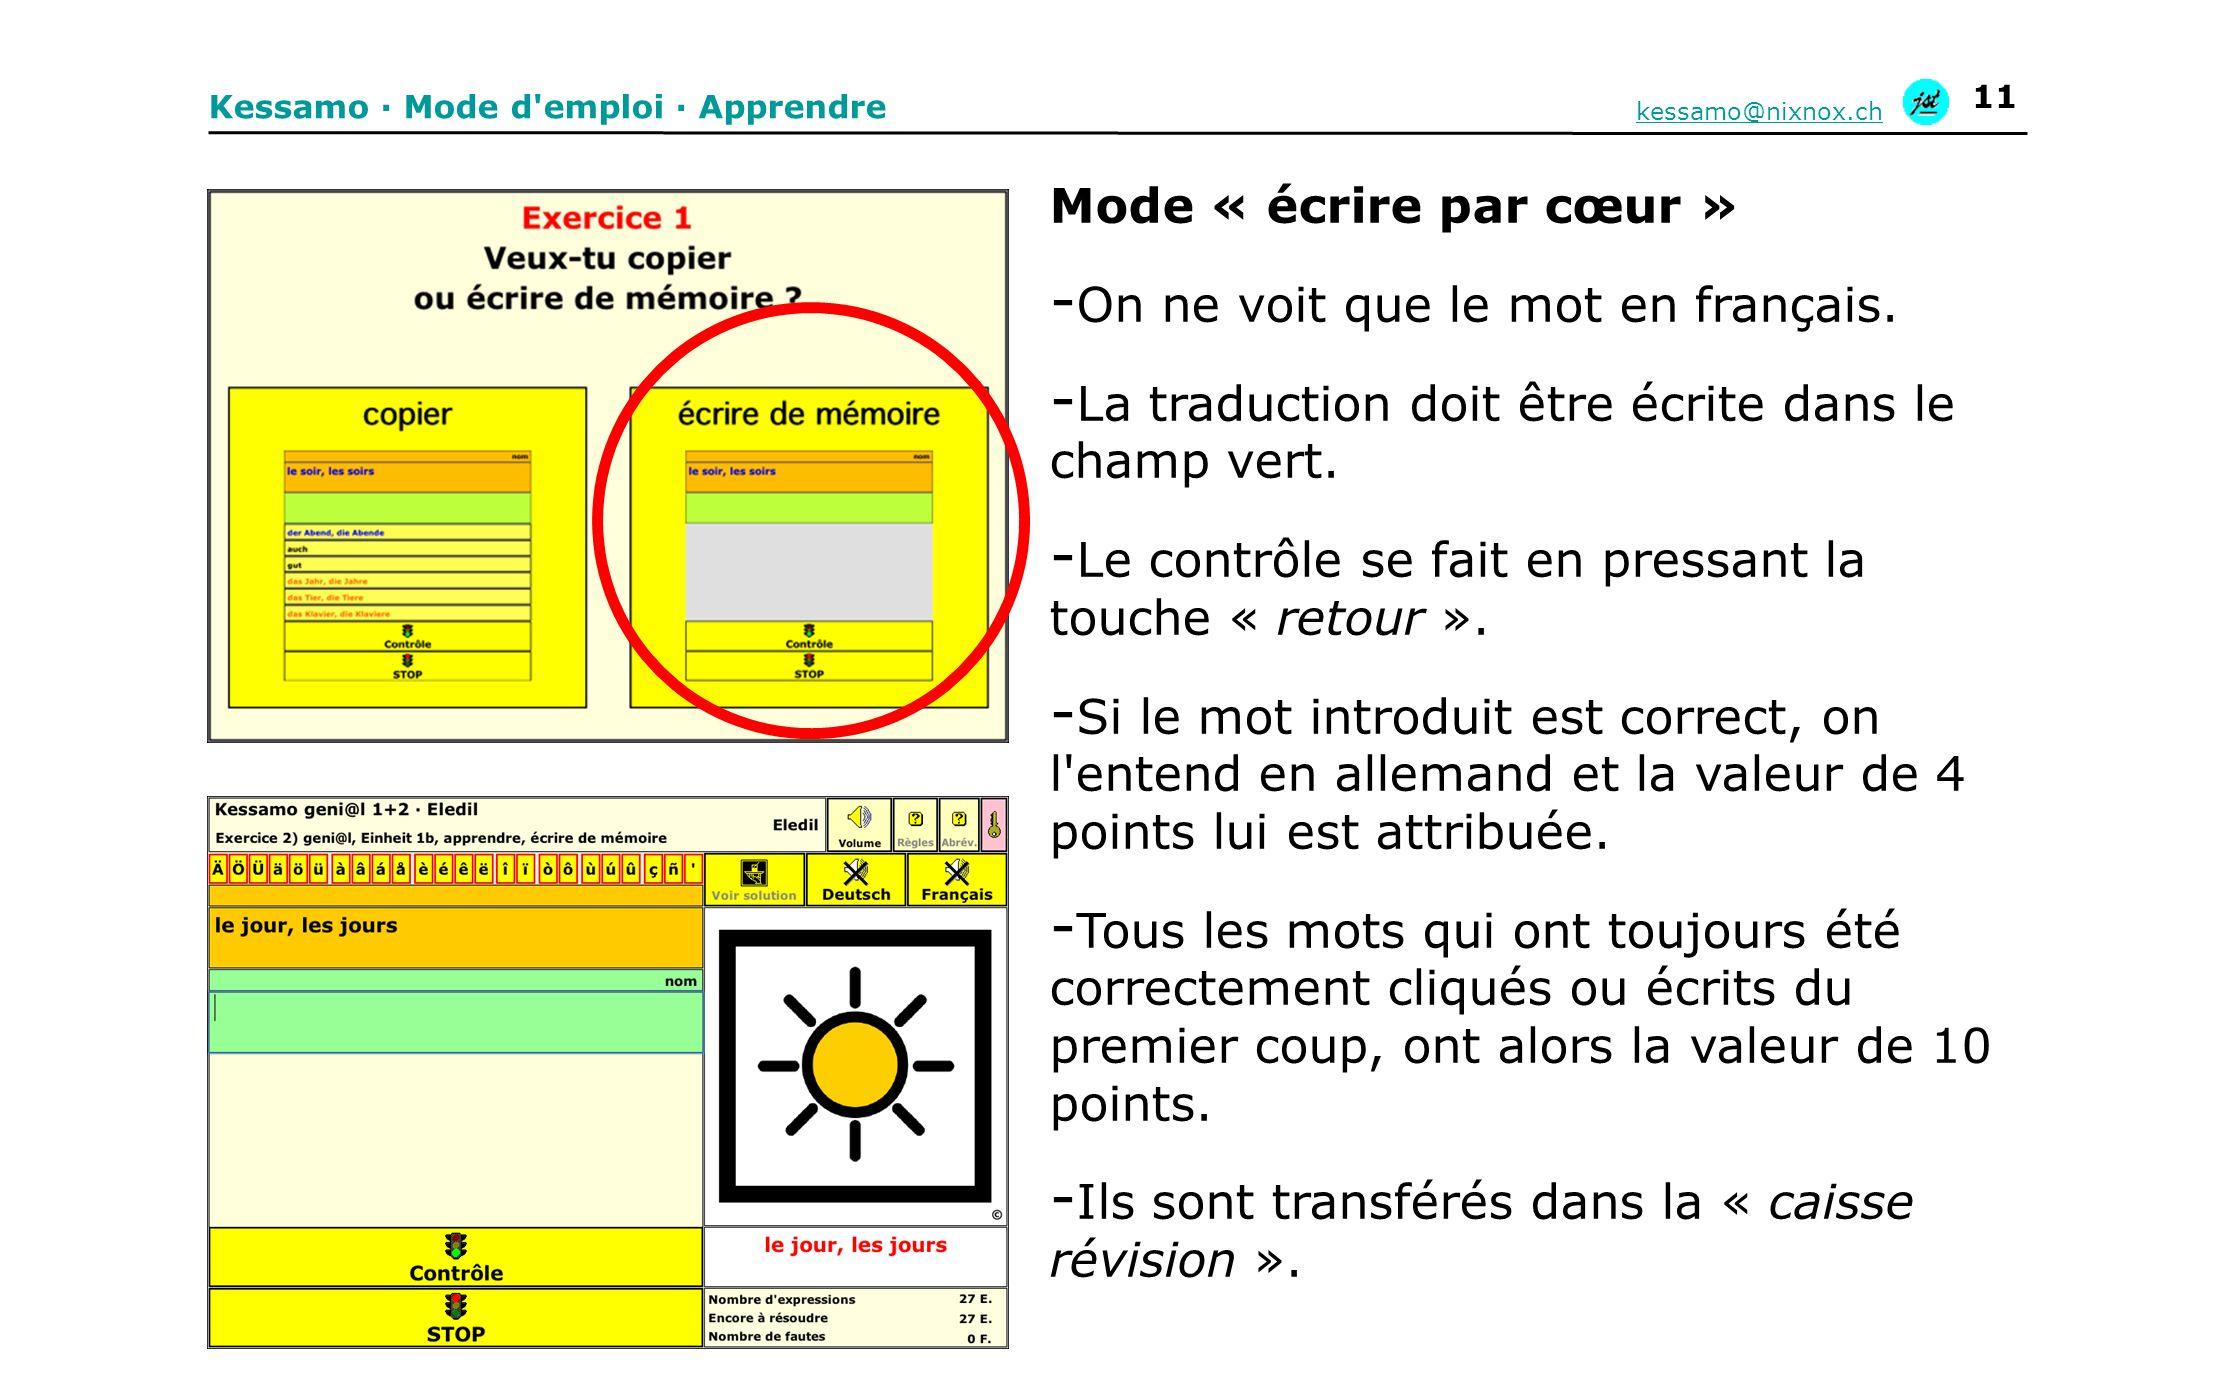 On ne voit que le mot en français.